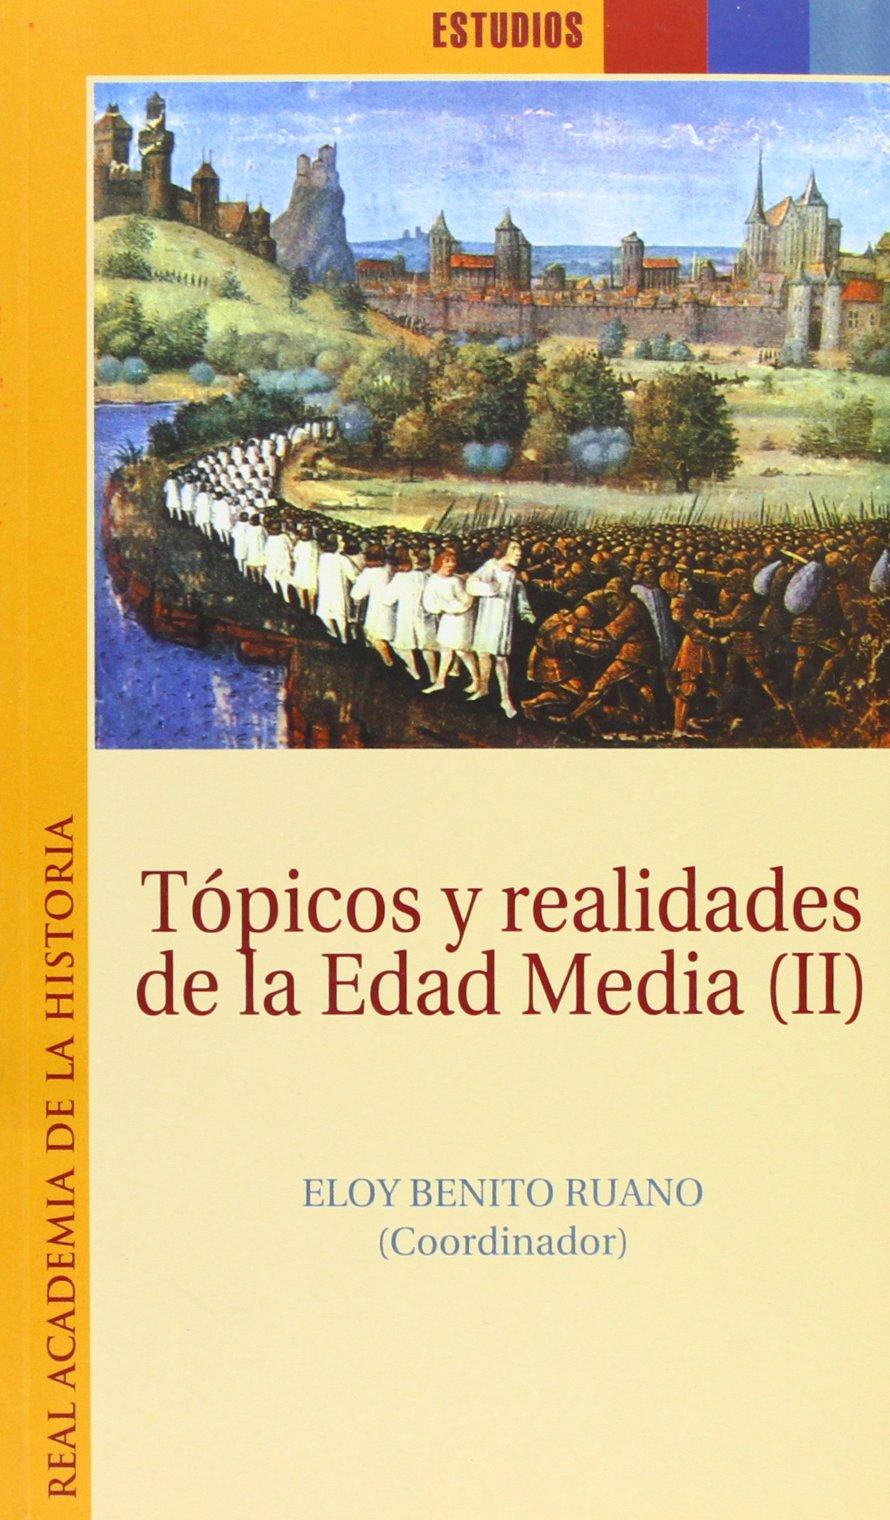 Tópicos y realidades de la Edad Media Book Cover